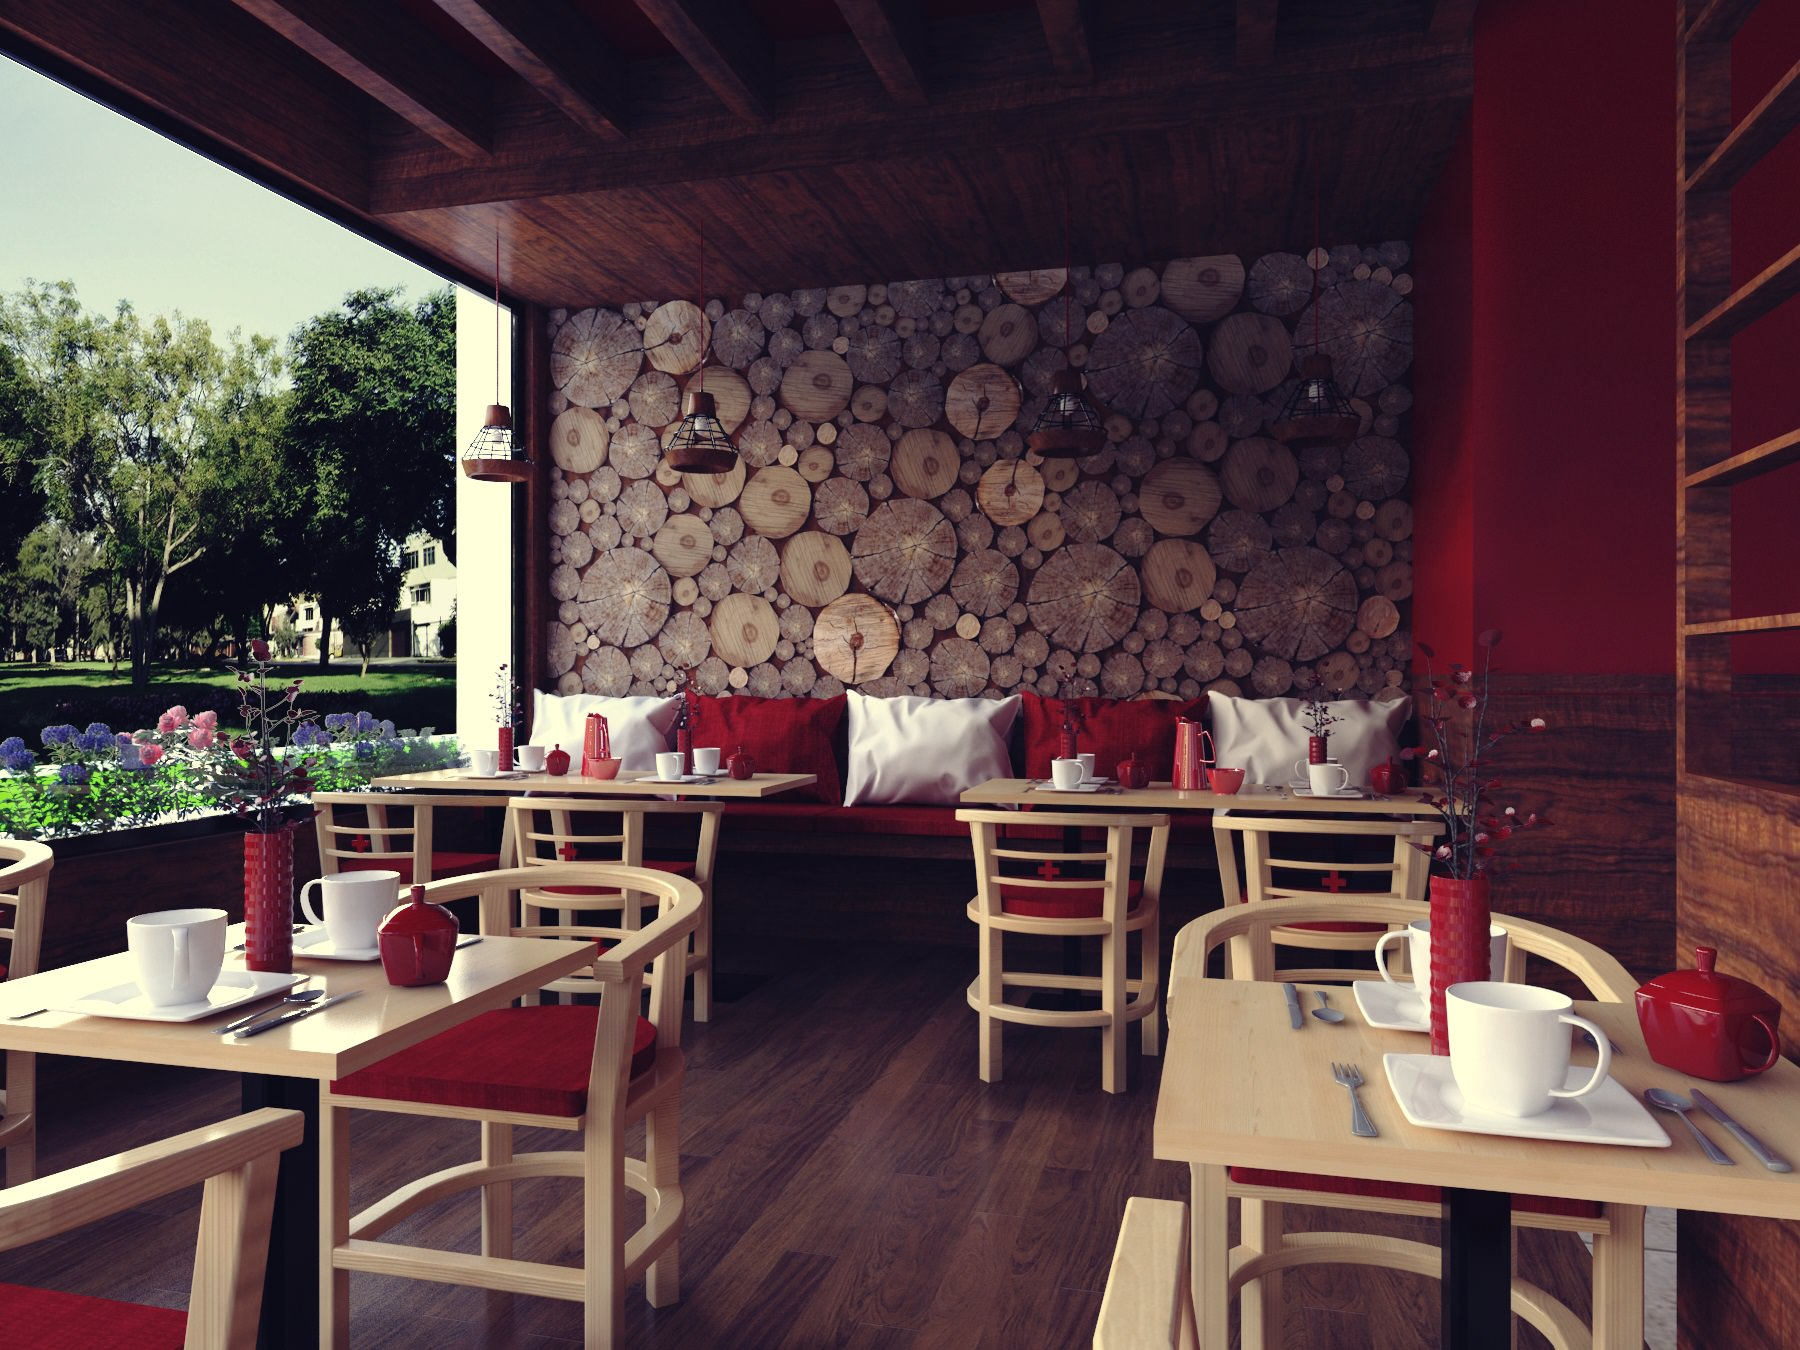 Diseno De Interiores Desarrollo Espacial Para Una Cafeteria Pablo - Diseo-cafeterias-modernas